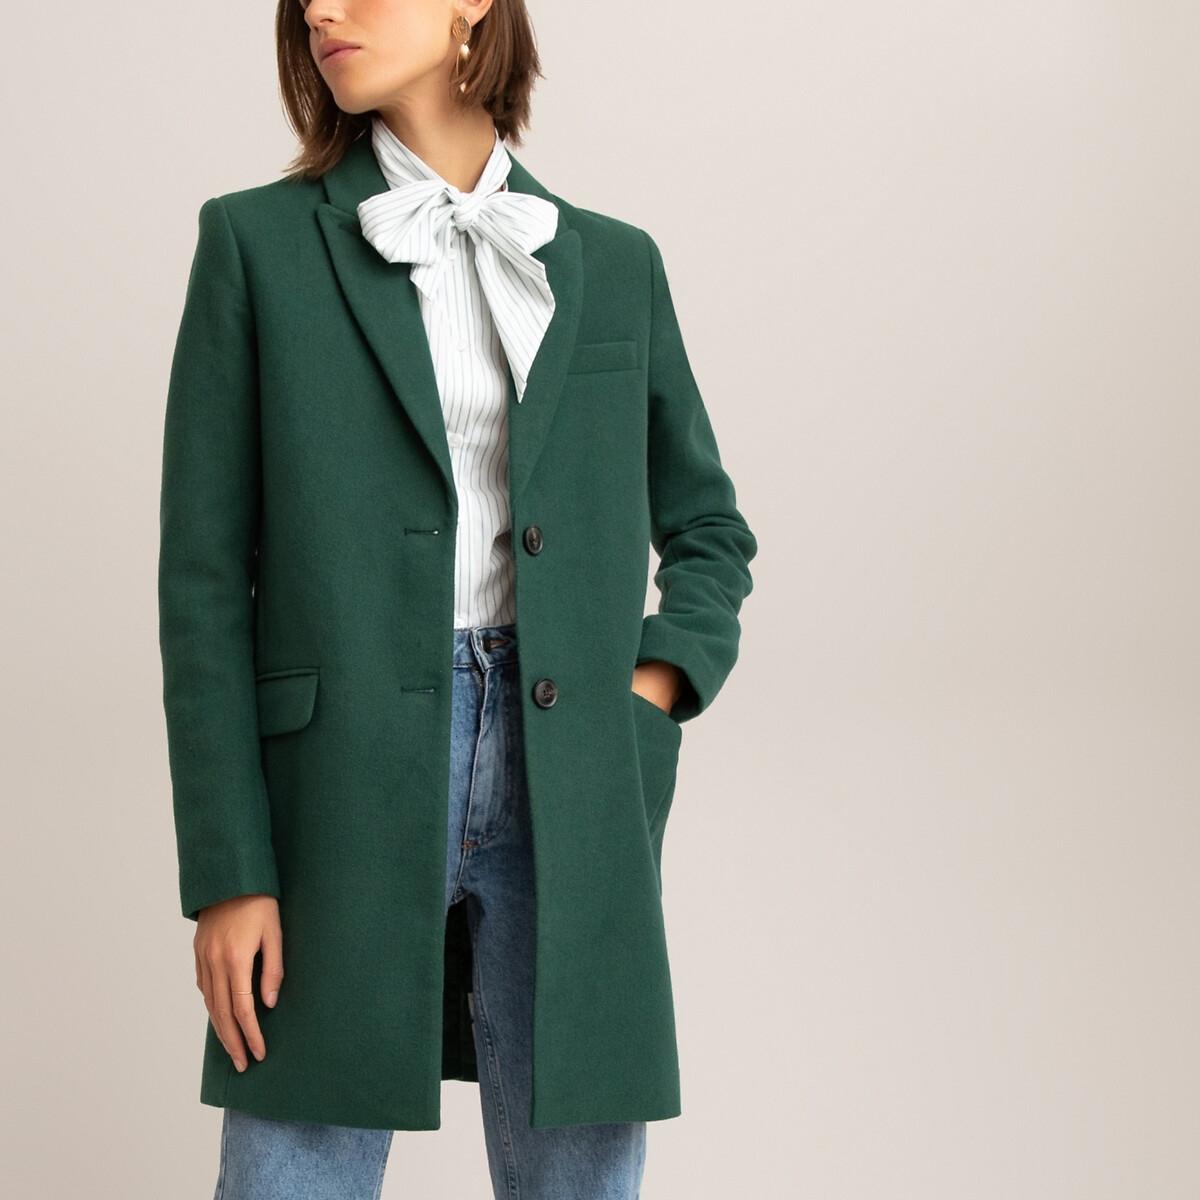 Пальто LaRedoute La Redoute 46 (FR) - 52 (RUS) зеленый брюки скинни la redoute эффект карго длина 30 38 fr 44 rus зеленый